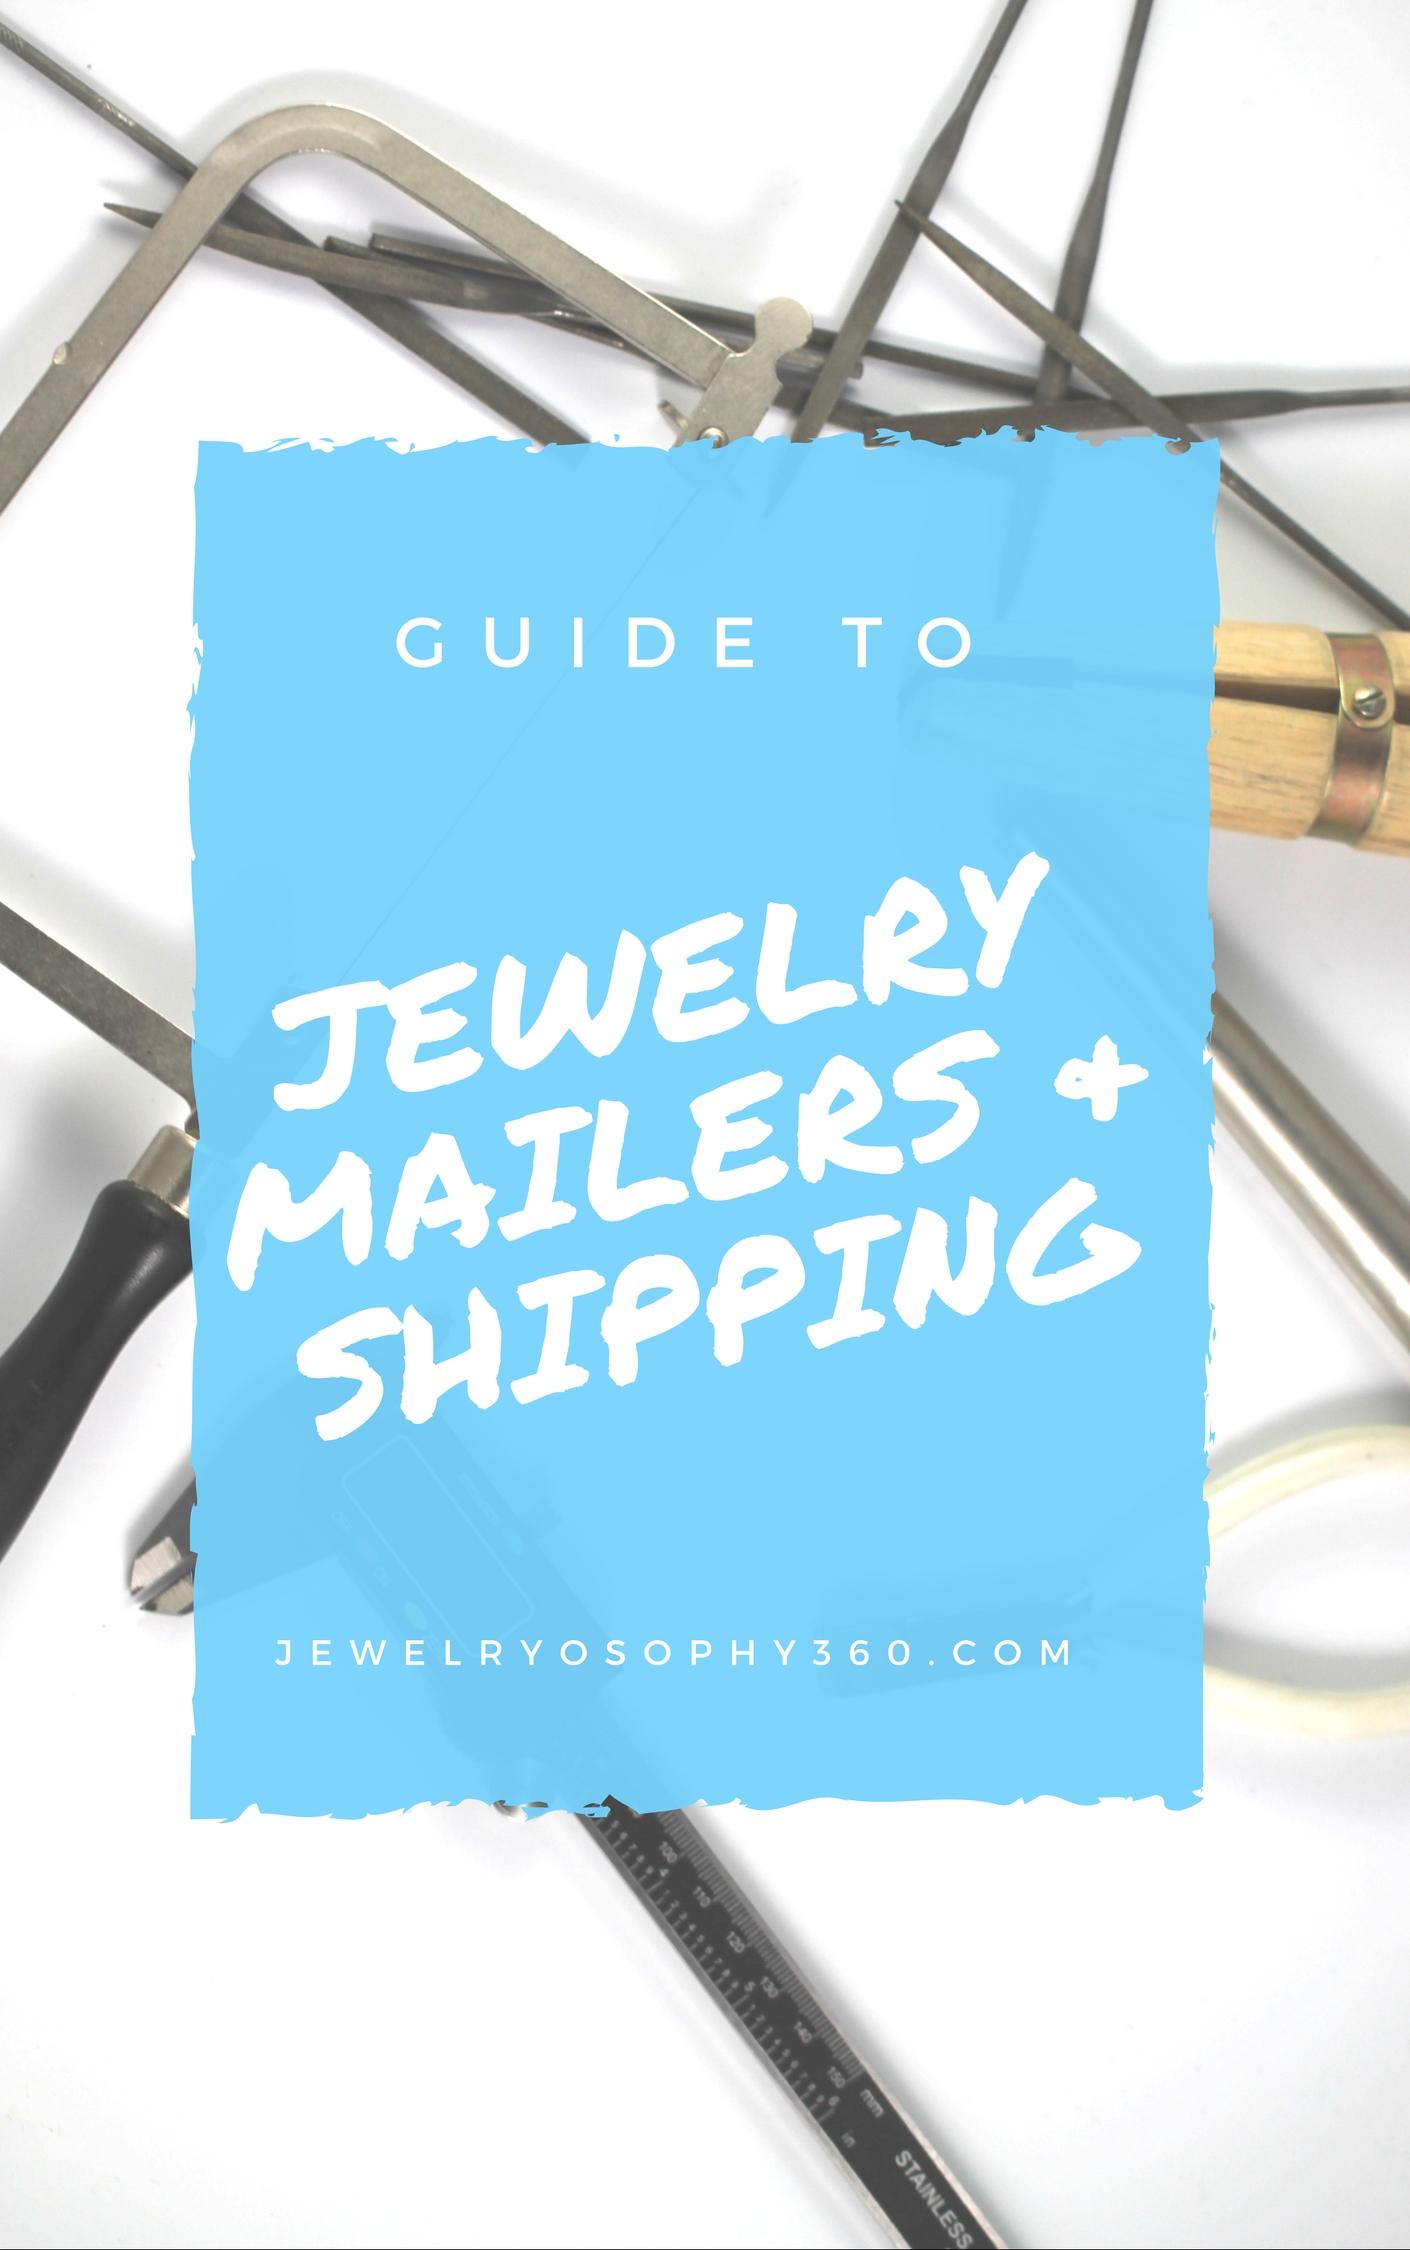 jewelrymailersandshipping.jpg